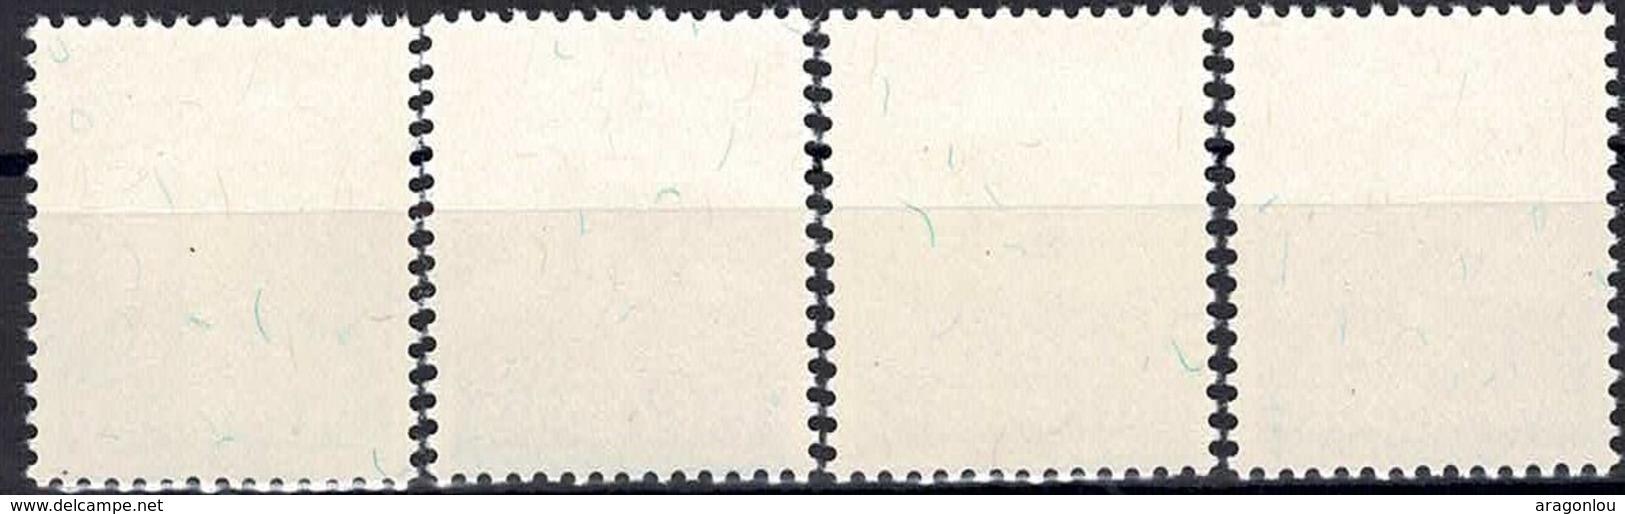 1952 Série Caritas Jean-Baptiste Frezez 4 Timbres Neuf, Michel 2019: 501-504  2Scans Valeur Cat.36€ - Luxembourg